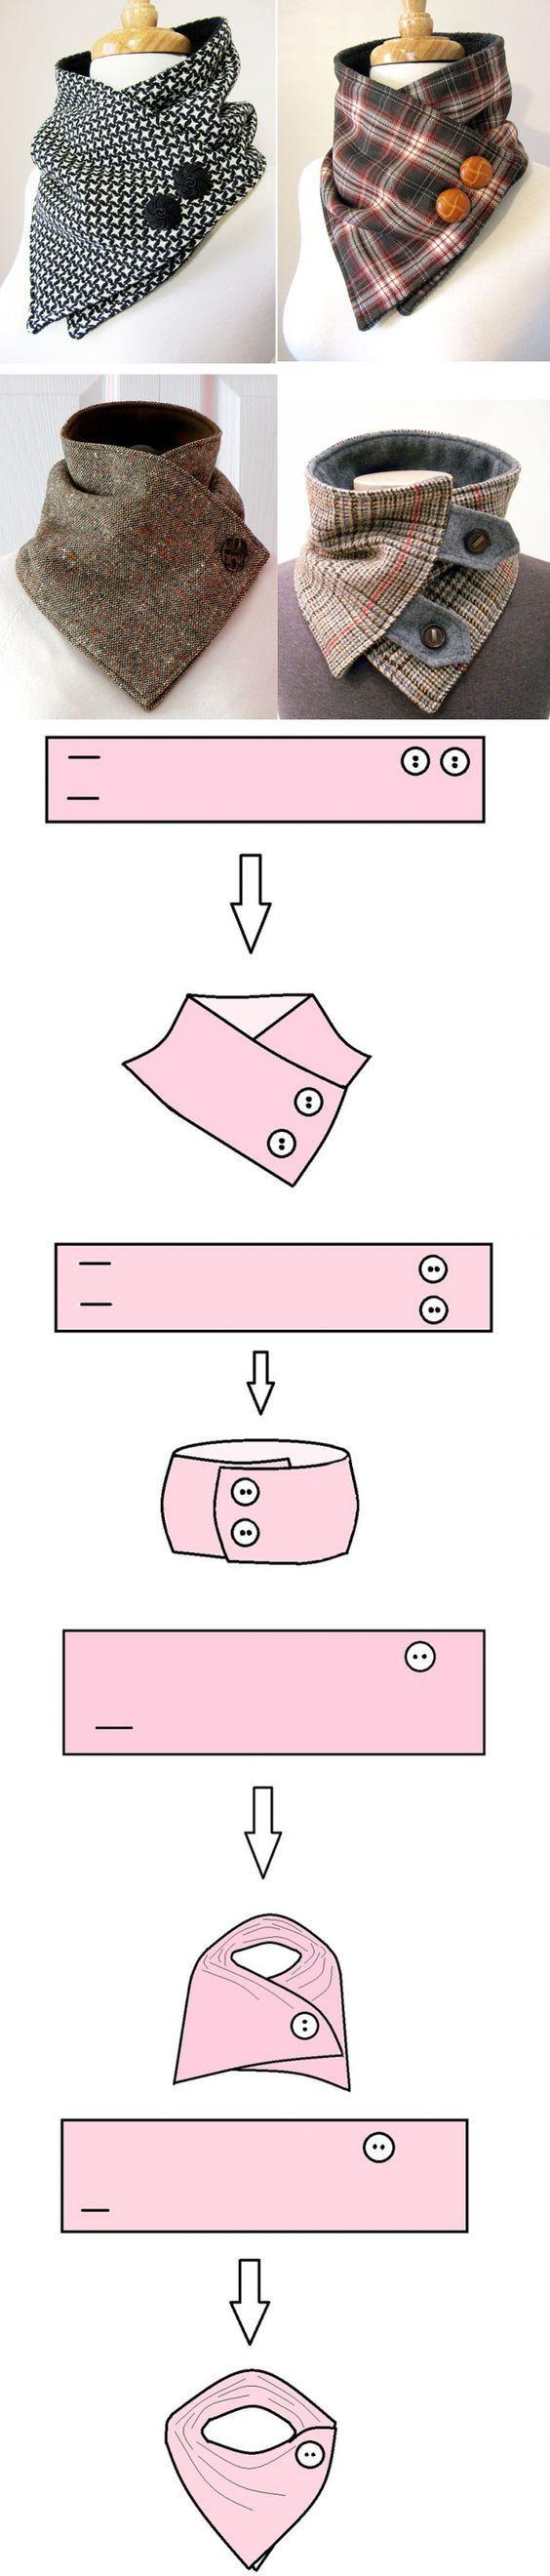 1298) Pinterest | accesorios mujer | Pinterest | Costura, Patrones y ...